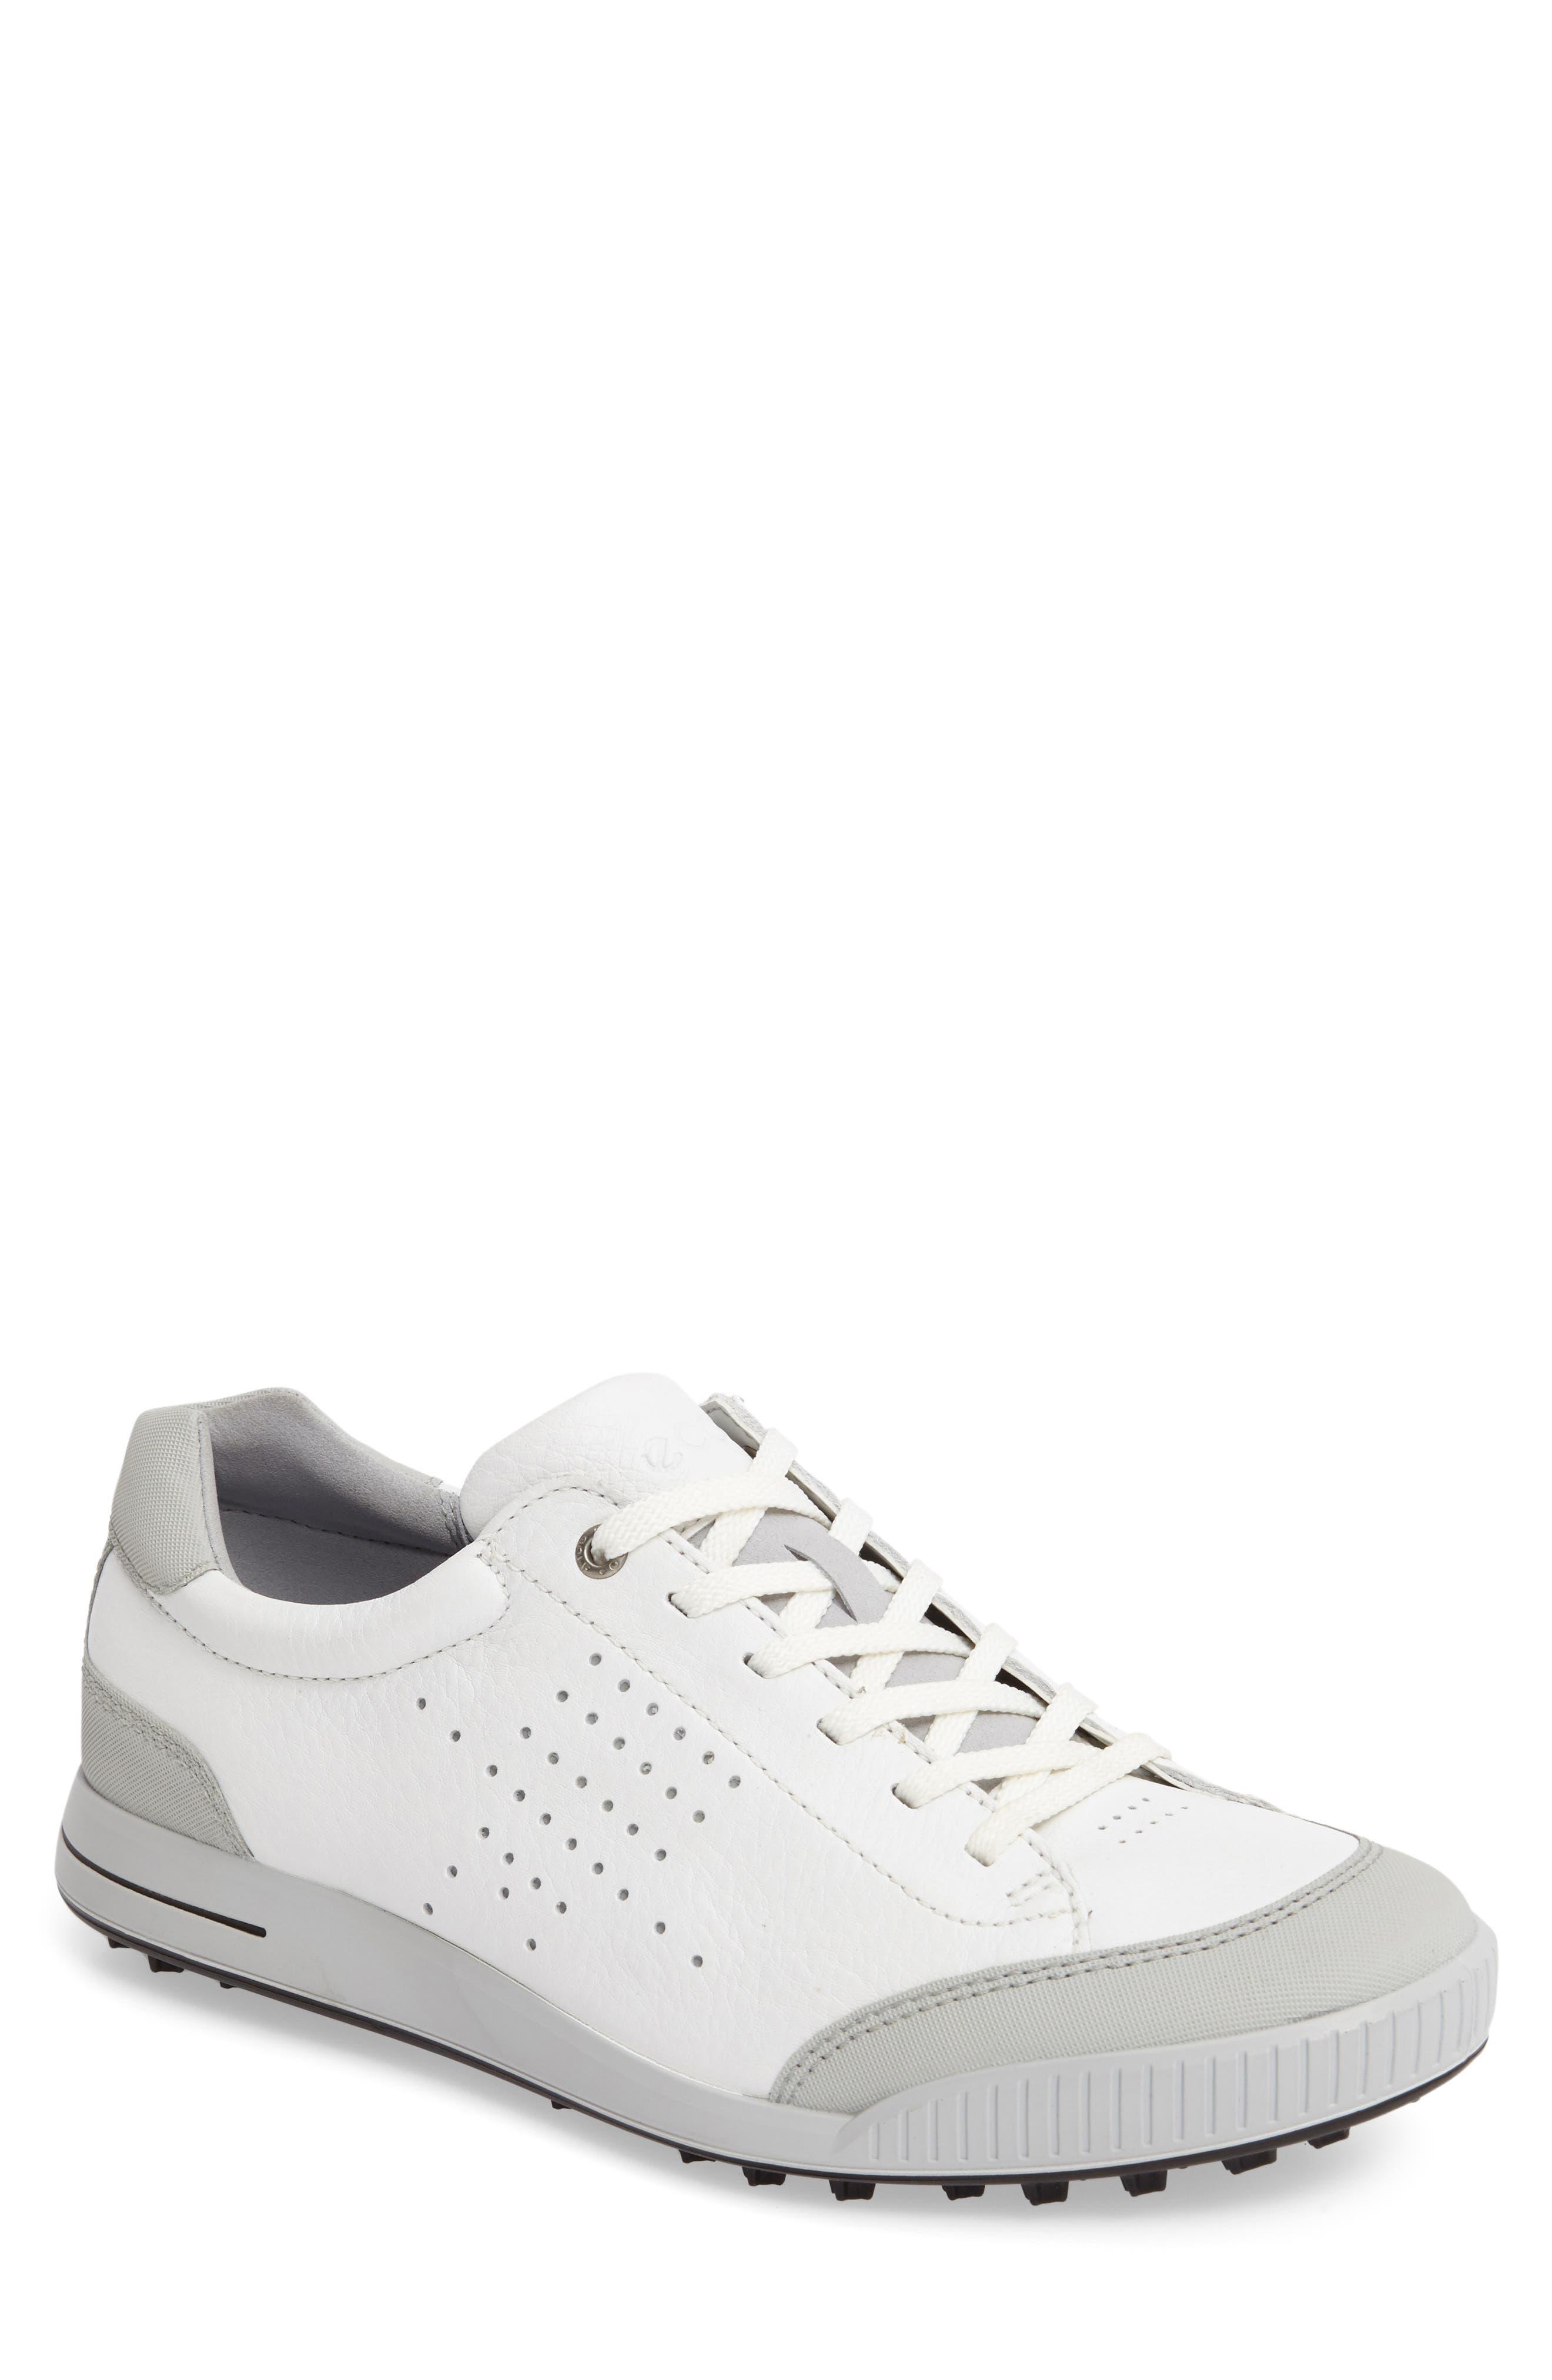 ECCO Street Retro HM Golf Shoe, Main, color, WHITE/ CONCRETE